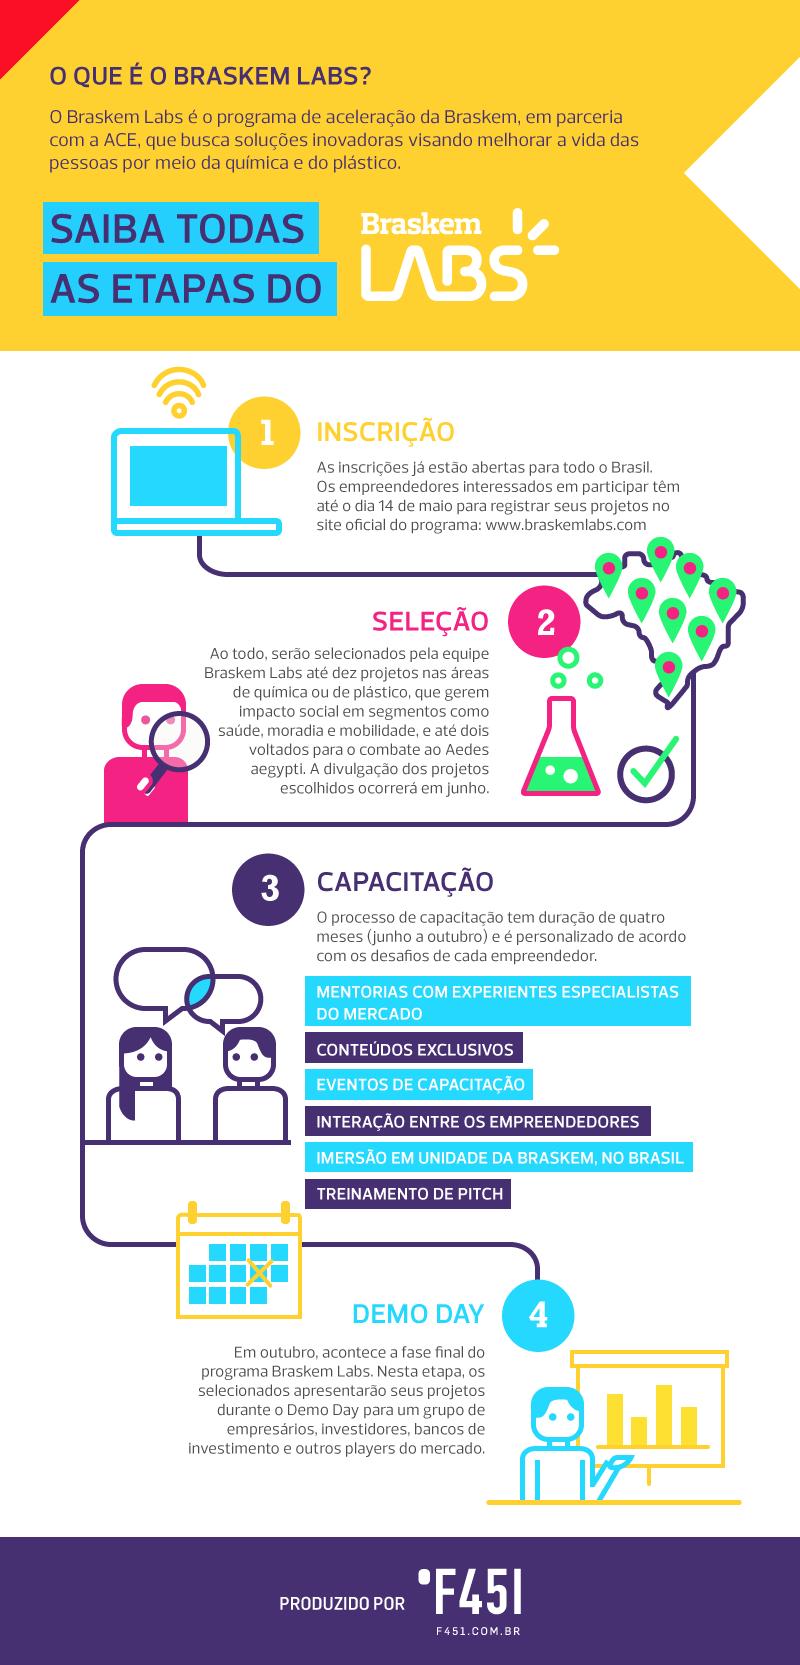 braskem-labs-2017 (2)